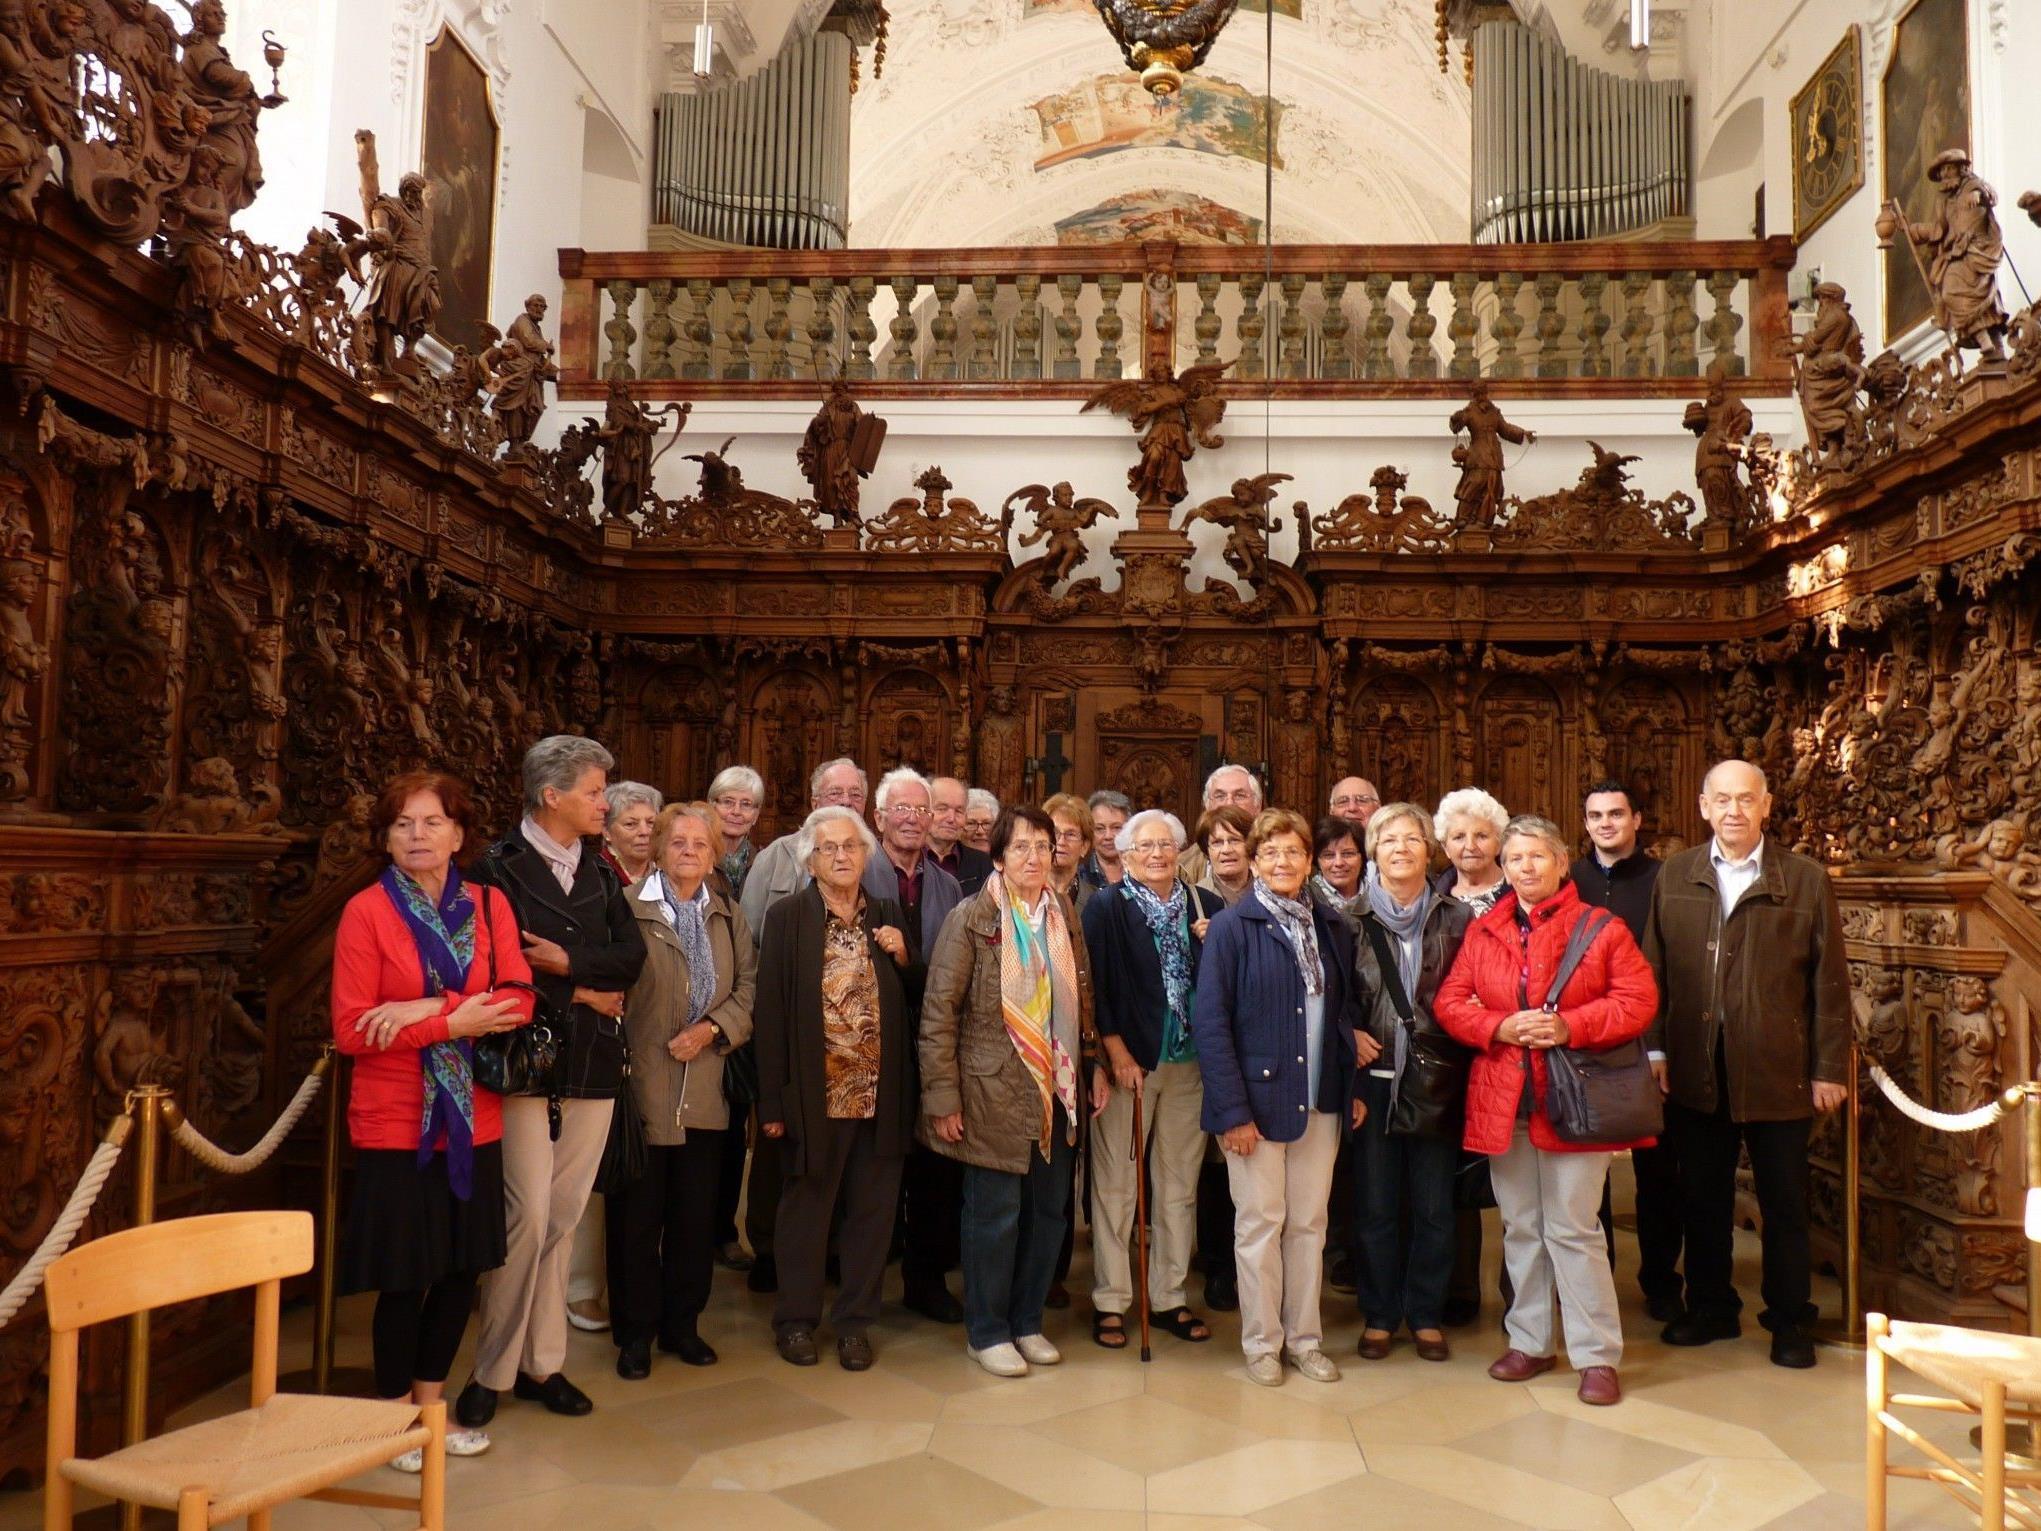 Teilnehmer in der Klosterkirche Buxheim